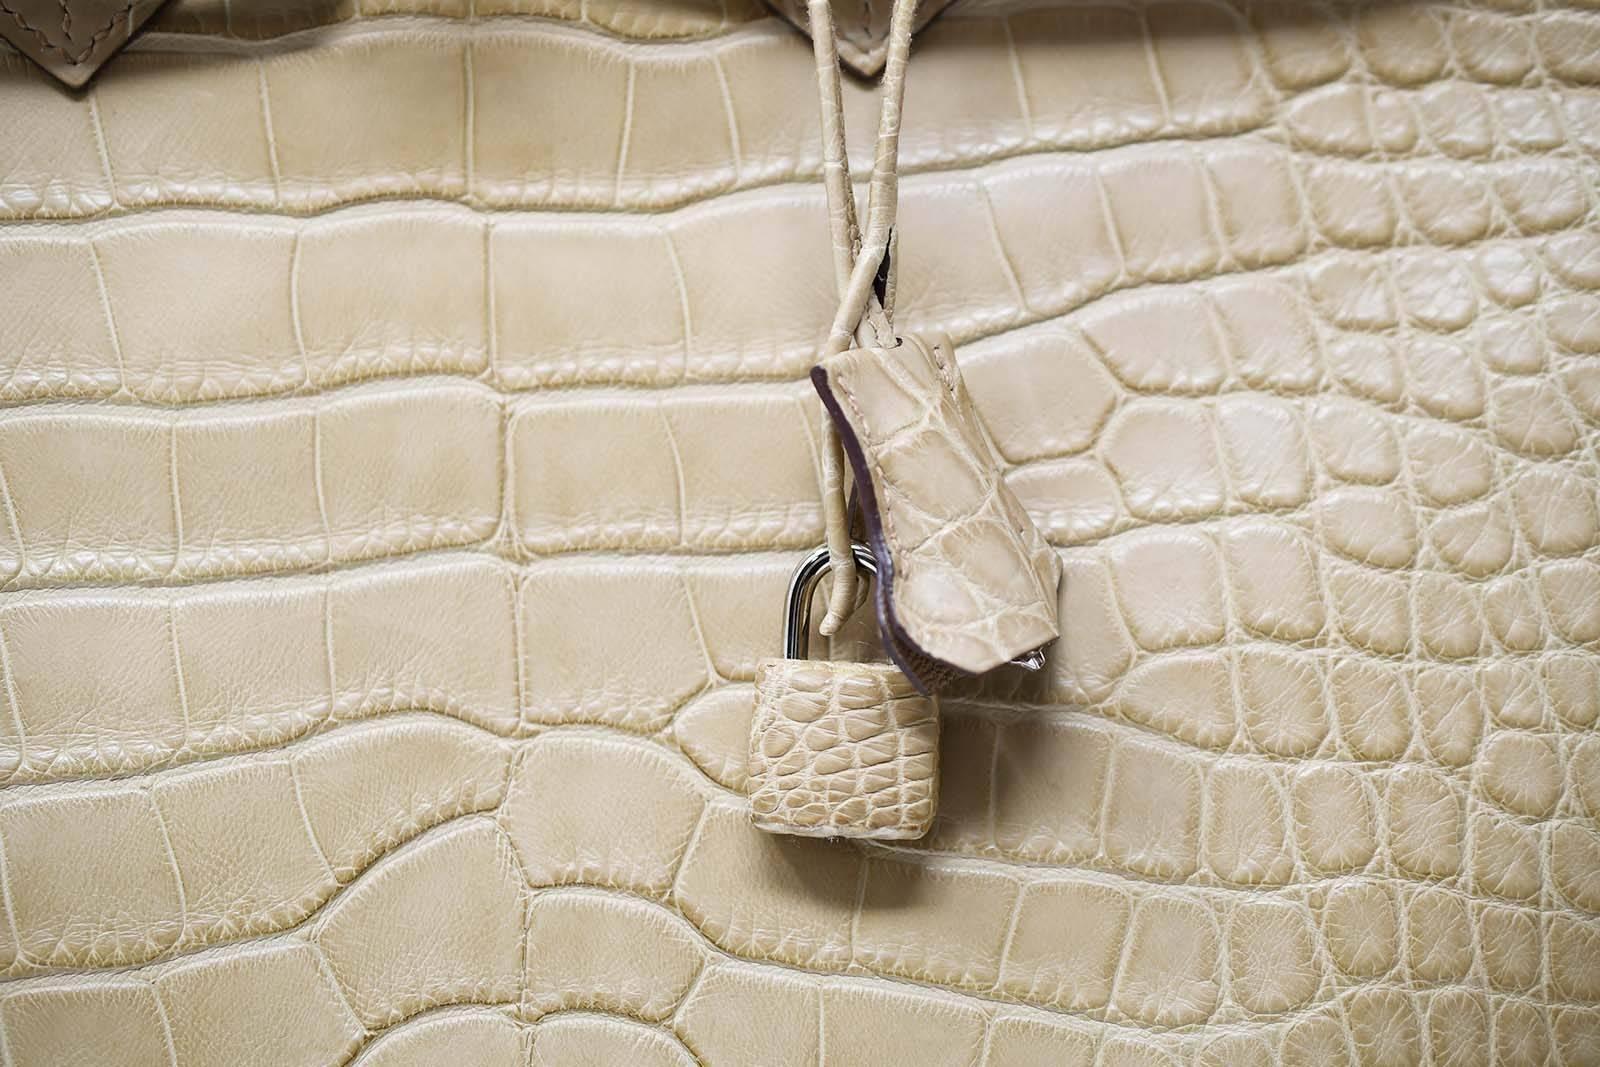 Hermes Birkin Bag 35cm Natural Alligator with Palladium Hardware For Sale  at 1stdibs 755a921c17309